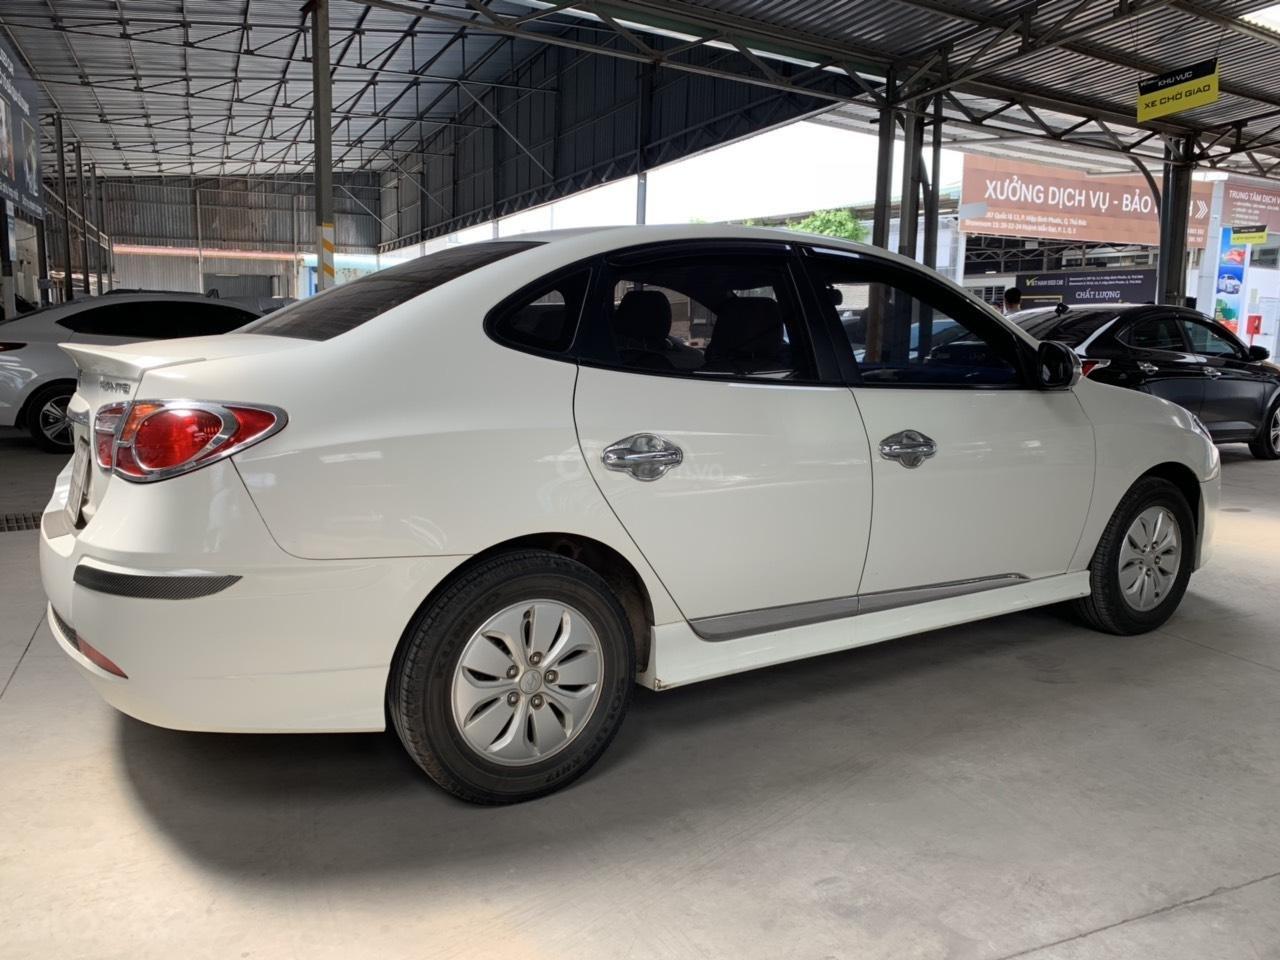 Cần bán Hyundai Avante 1.6MT đời 2016, màu trắng, không kinh doanh dịch vụ (3)